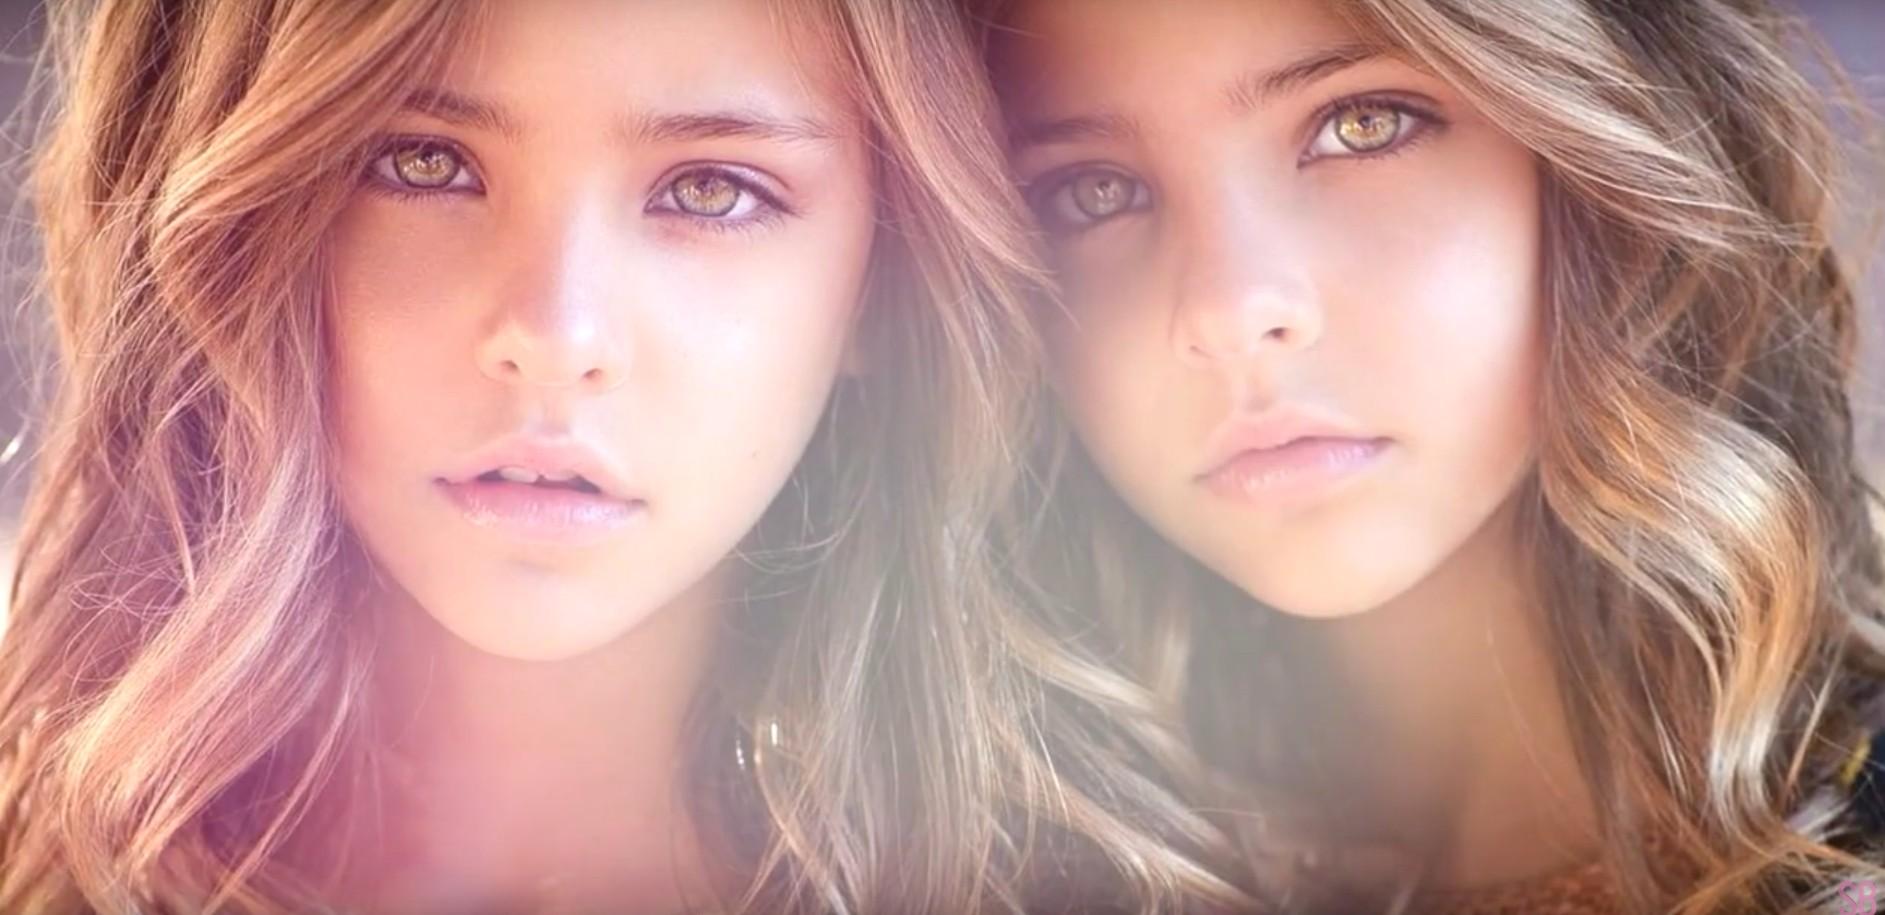 一對年僅9歲的雙胞胎姐妹,長得宛如天使般美麗,還被網友稱為「世界上最美麗的雙胞胎」!短短1年在Instagram就擁有140萬的粉絲。(影片截圖)